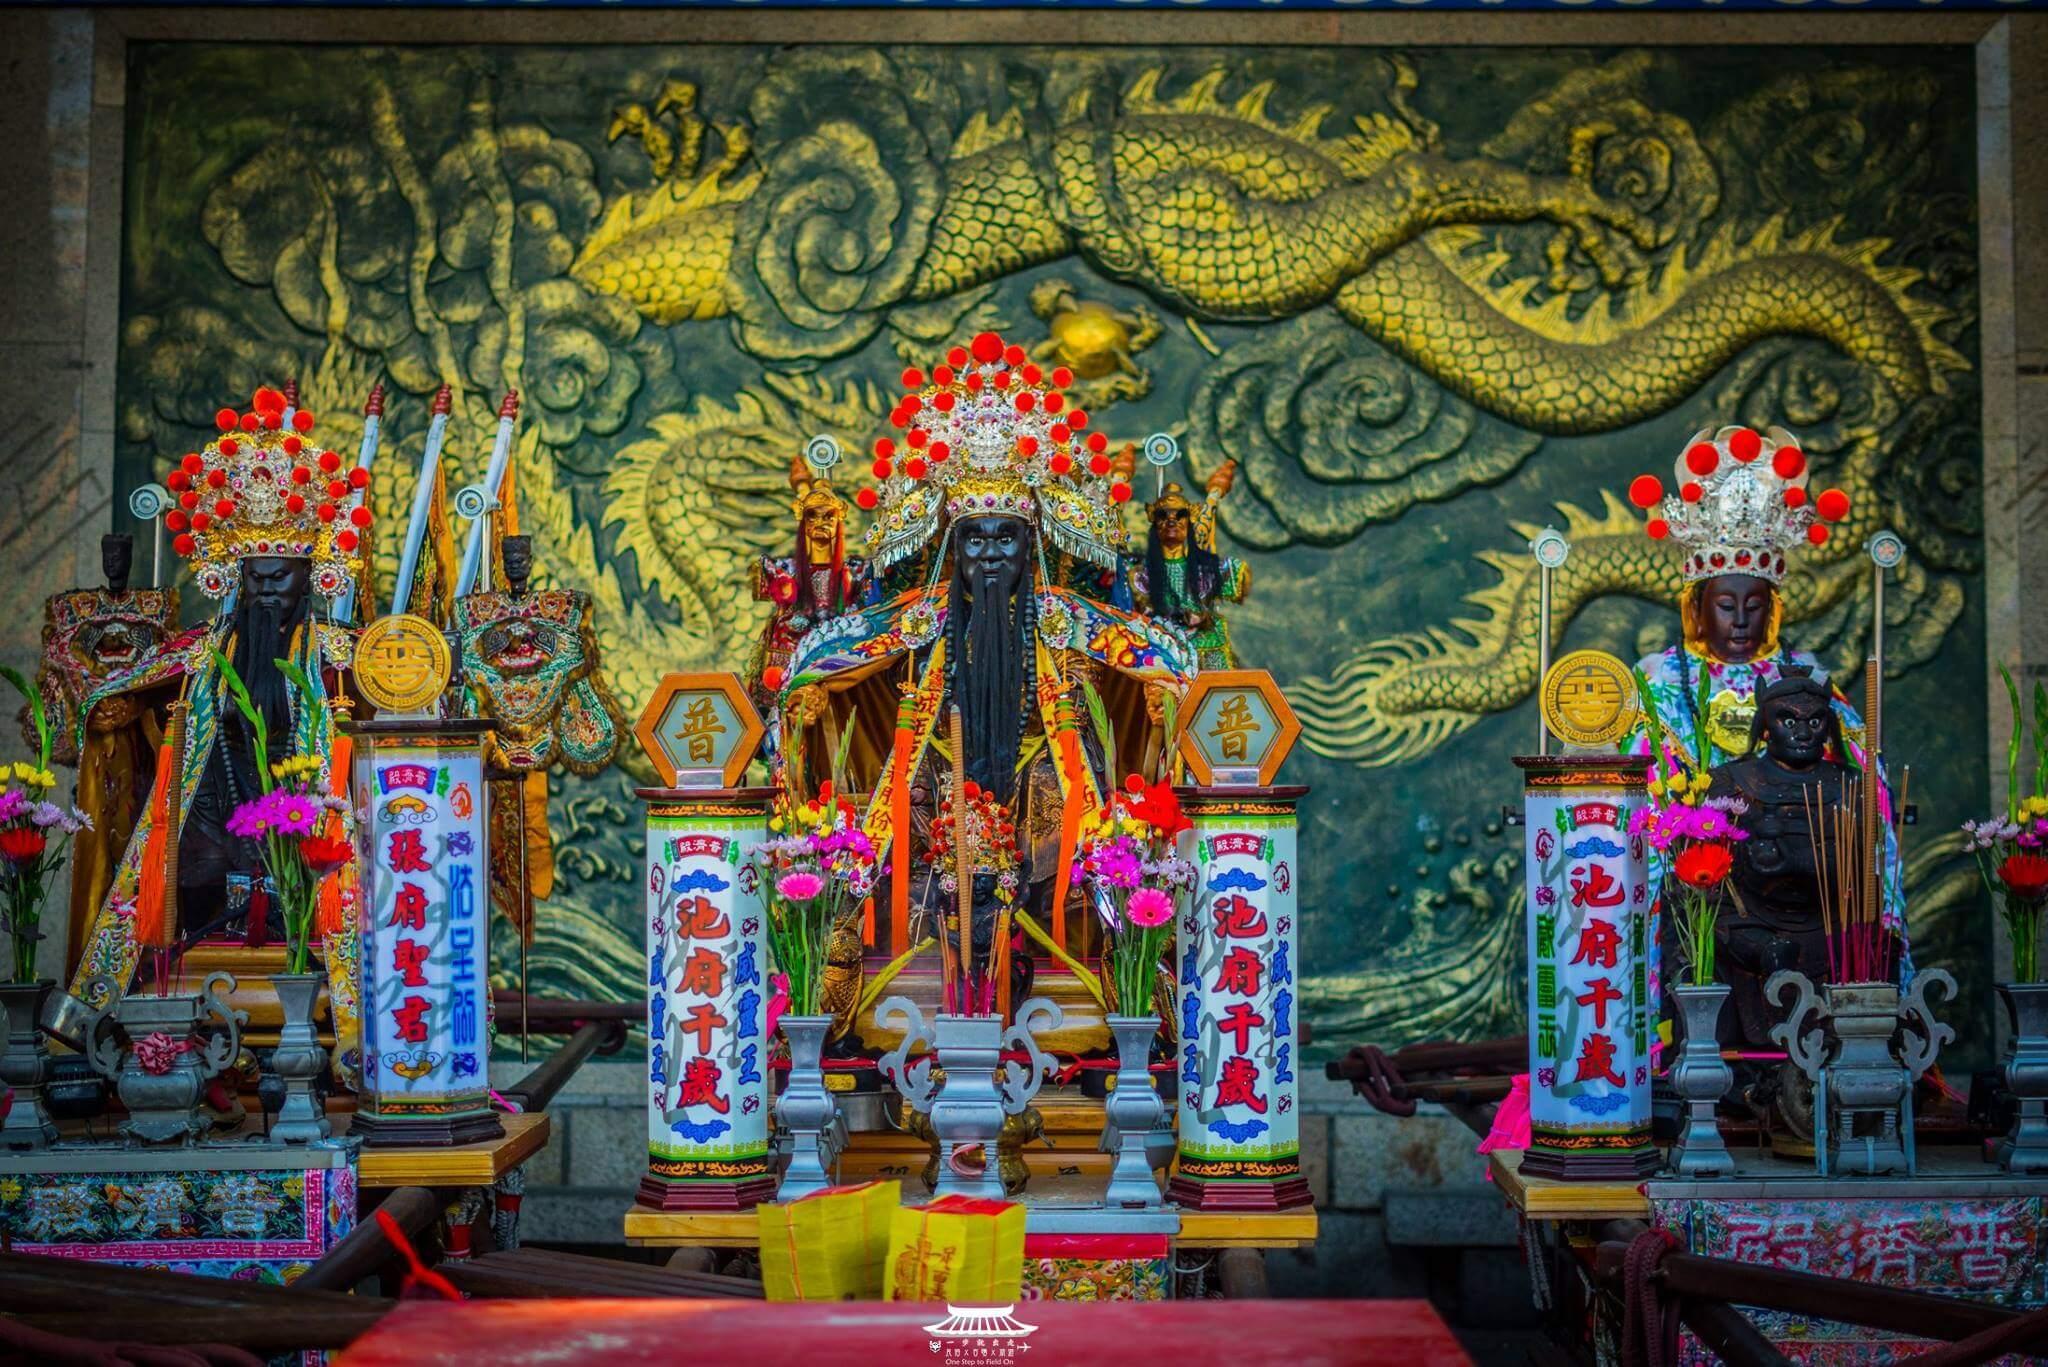 一個台北學生的主普觀察(一)- 主普、主普壇、西羅殿與普濟殿